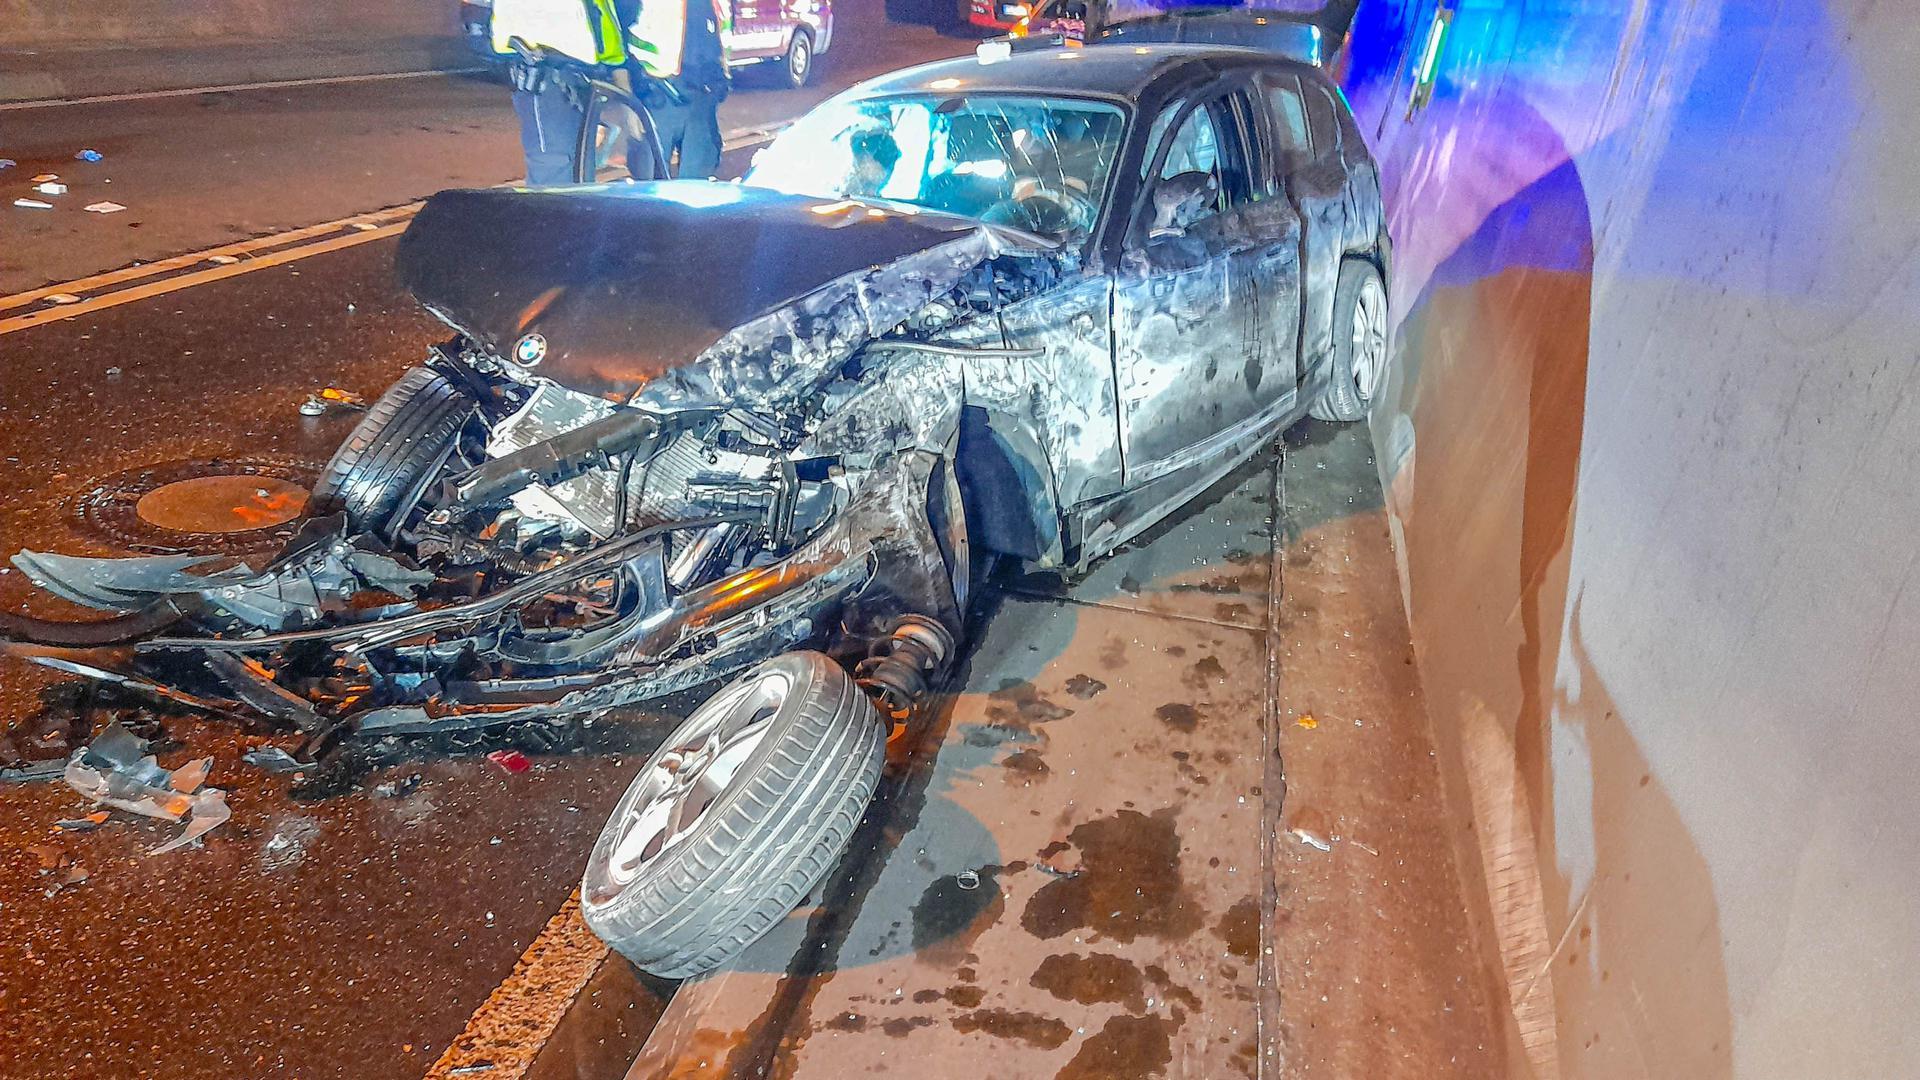 Unfall im Ettlinger Wattkopftunnel: Eine 23-Jährige wurde verletzt, als sie im Tunnel von der Straße abkam. Sie saß betrunken am Steuer.